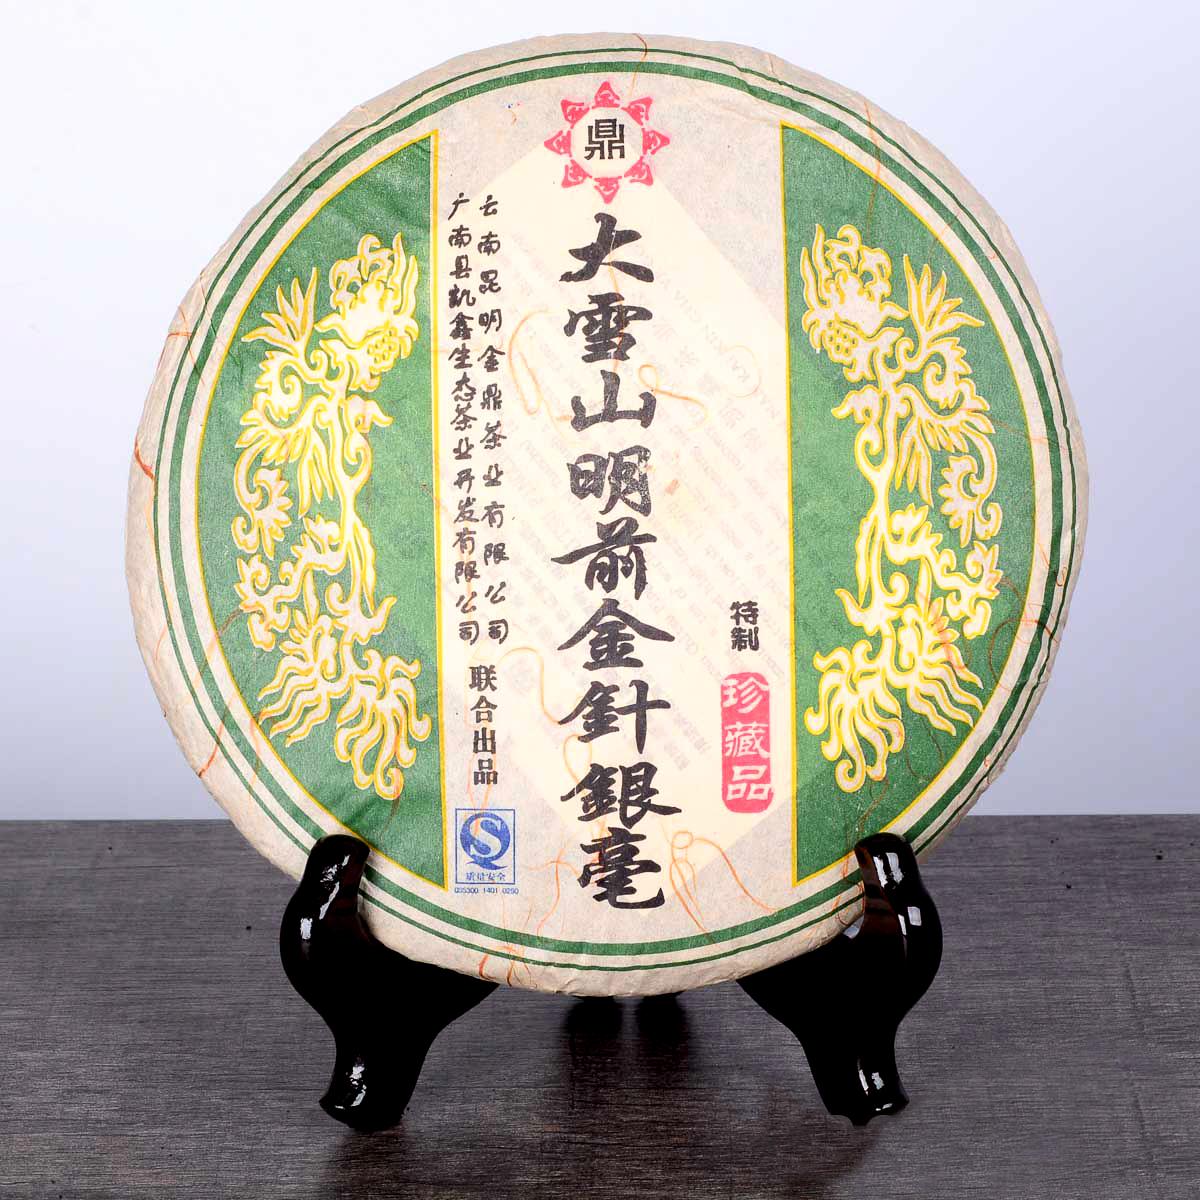 Чай Желтый Серебряные иглы с горы Бессмертных (ЦзюньШань Инь Чжэнь)